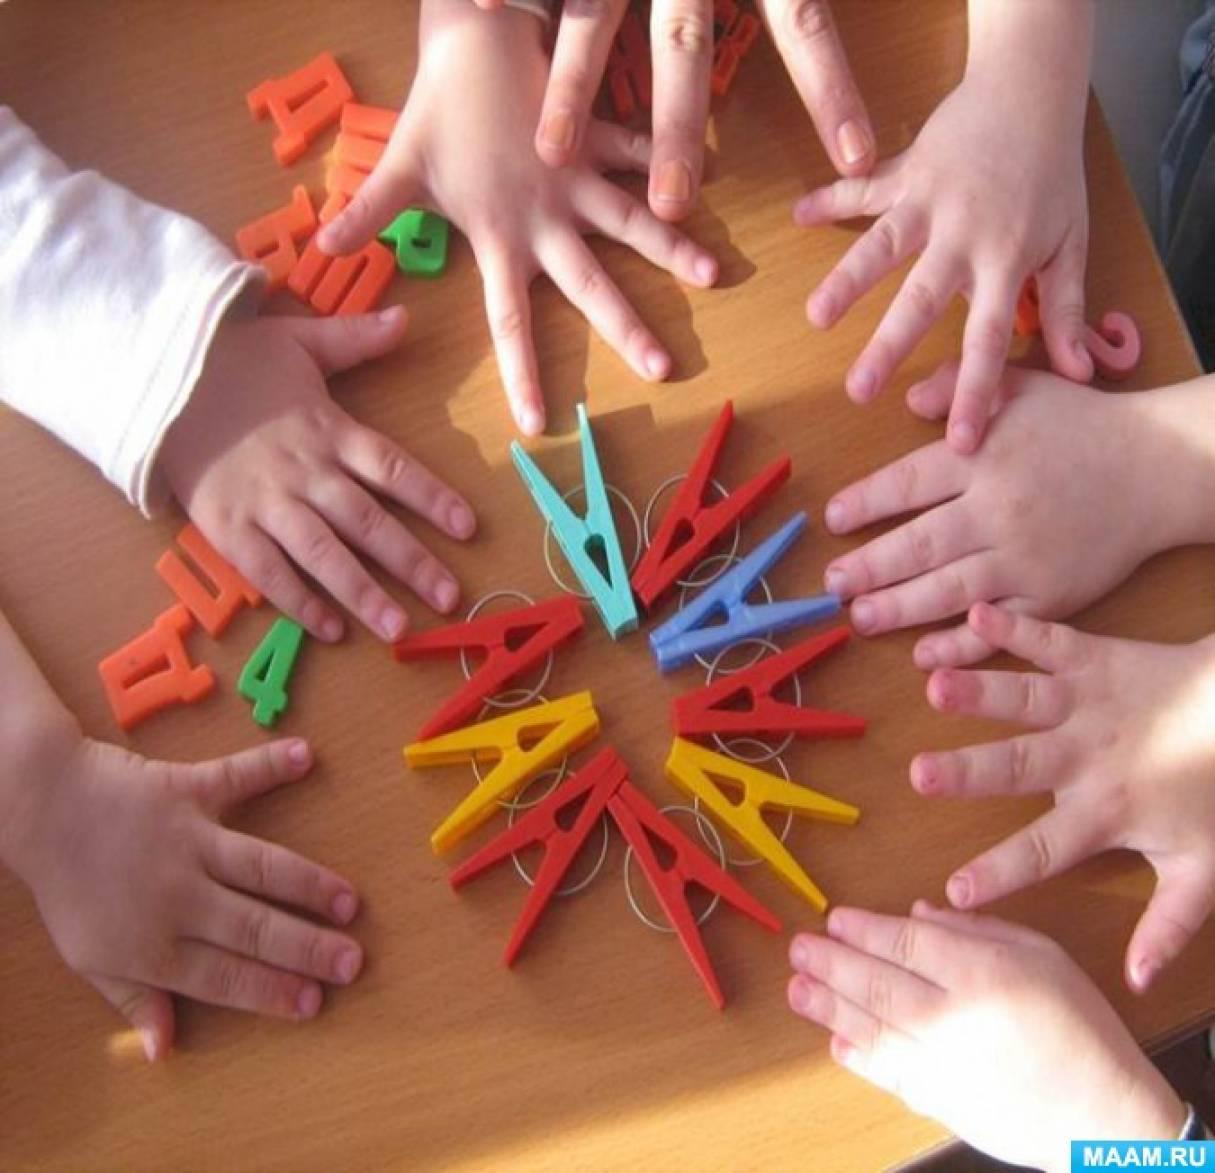 Использование прищепок в качестве предметов-заместителей в развивающем обучении дошкольников